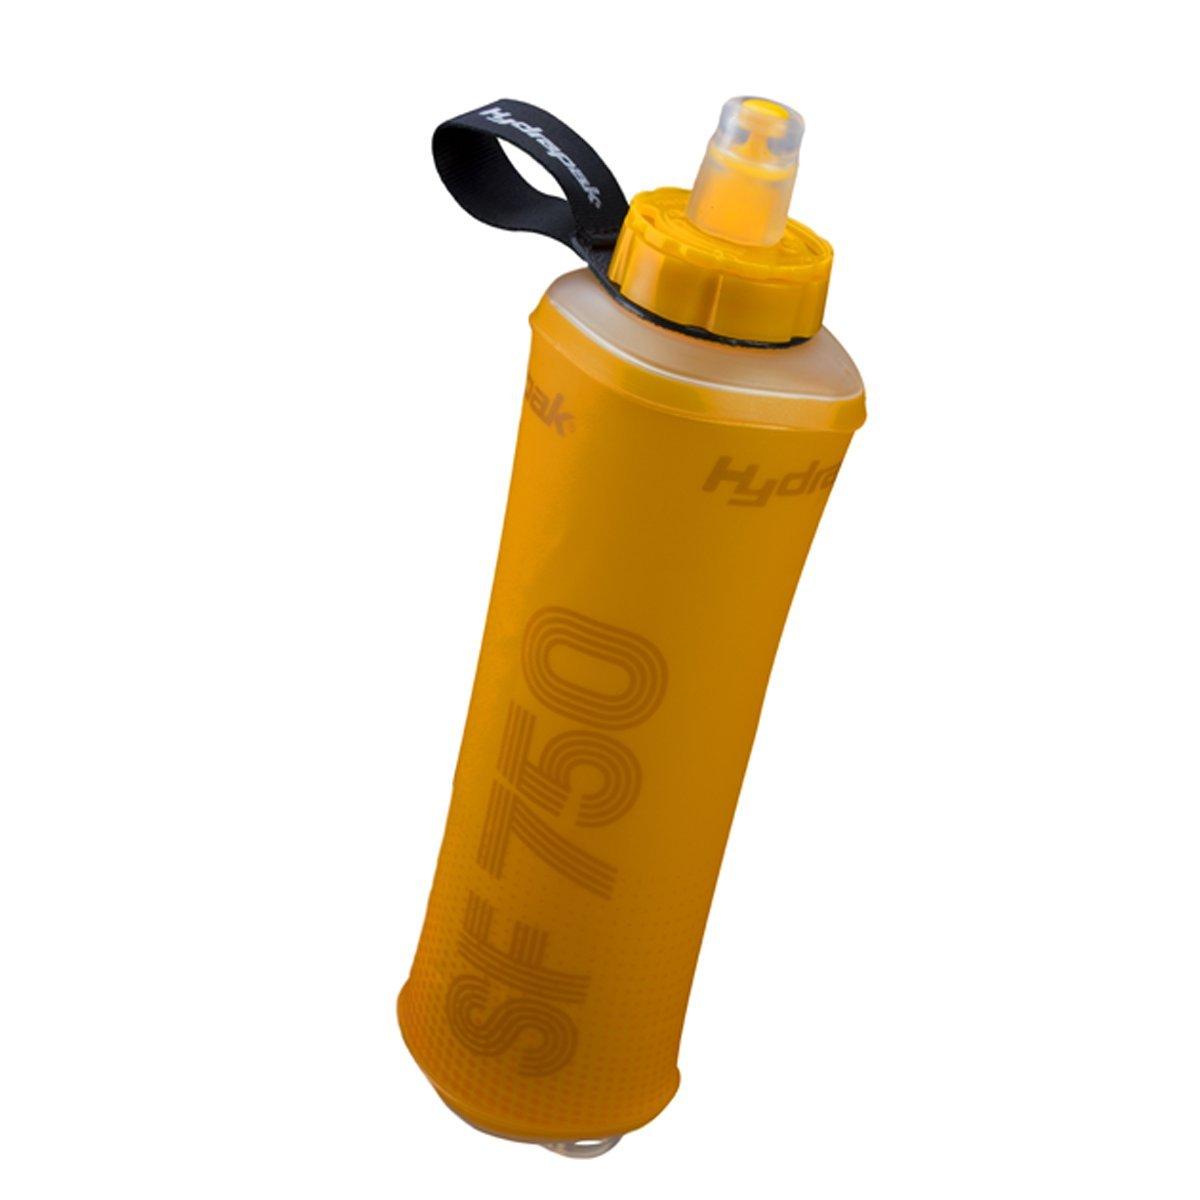 ハイドラパック(Hydrapak) ソフトフラスク SF750(750ml) カラー:オレンジ   B00GP18FBO